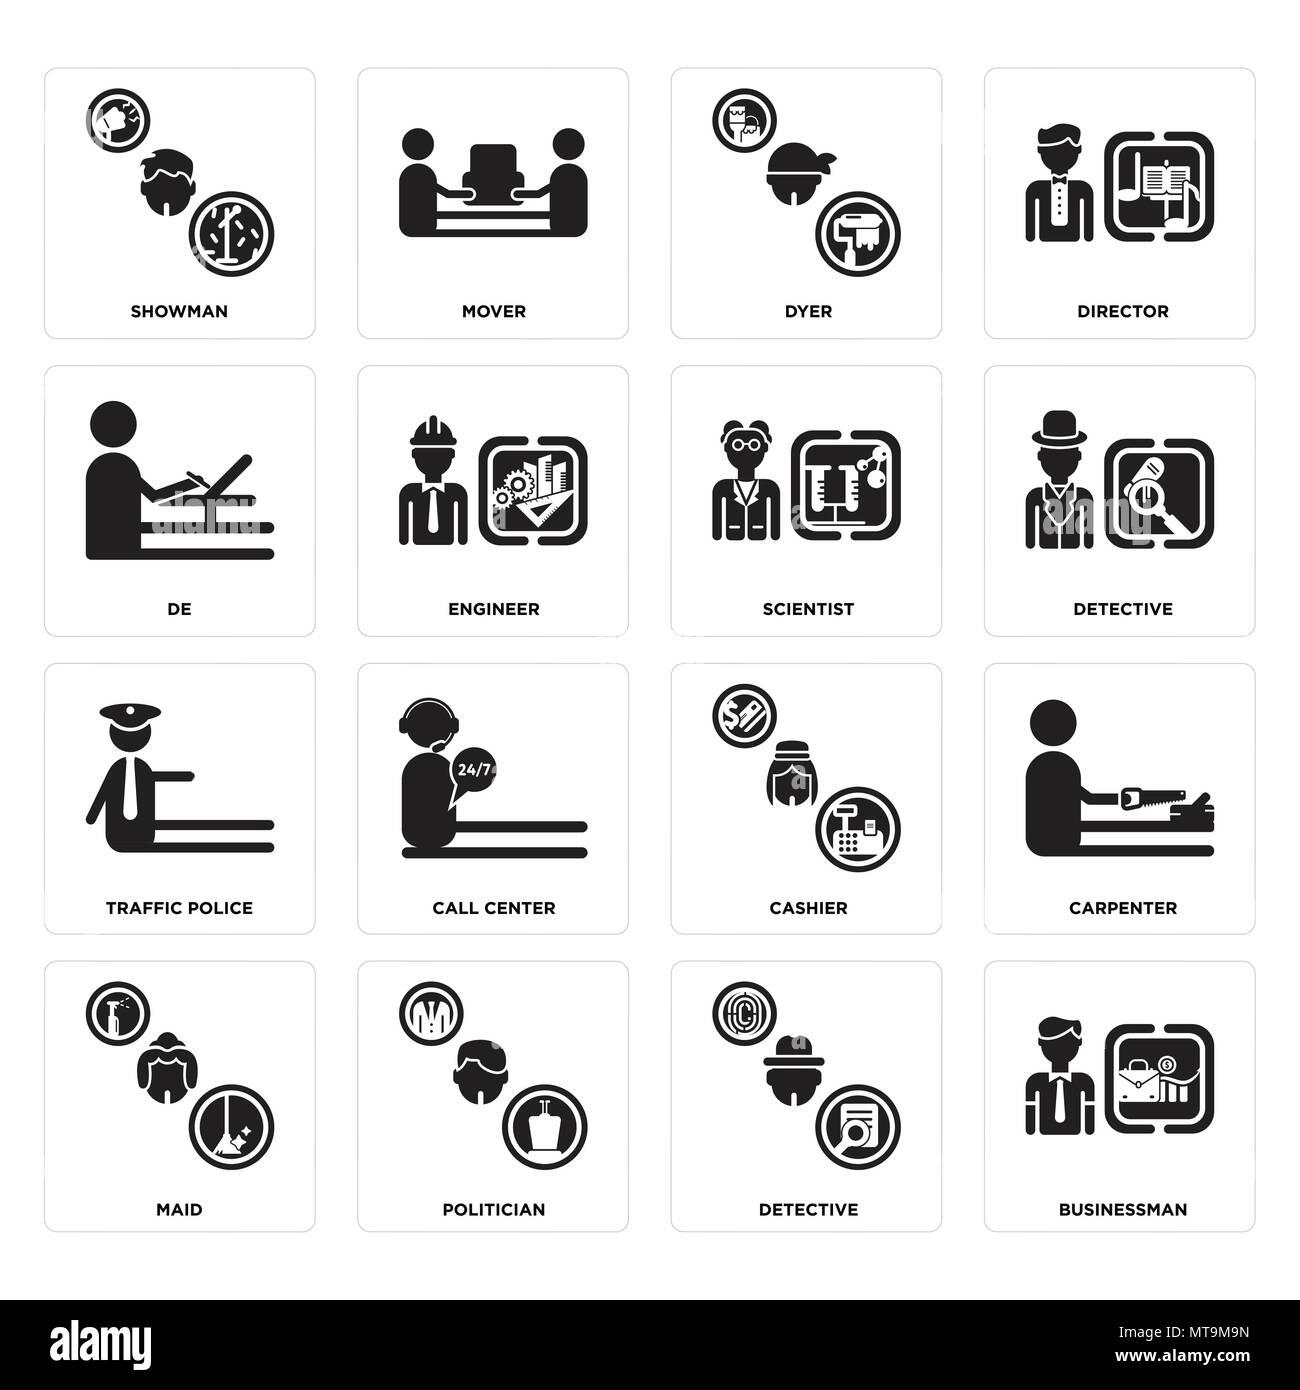 16 Einfache editierbare Ikonen wie Geschäftsmann, Detektiv, Politiker, Zimmermädchen, Tischler, Showman, De, Verkehrspolizei, Wissenschaftler kann für Mo verwendet werden. Stock Vektor